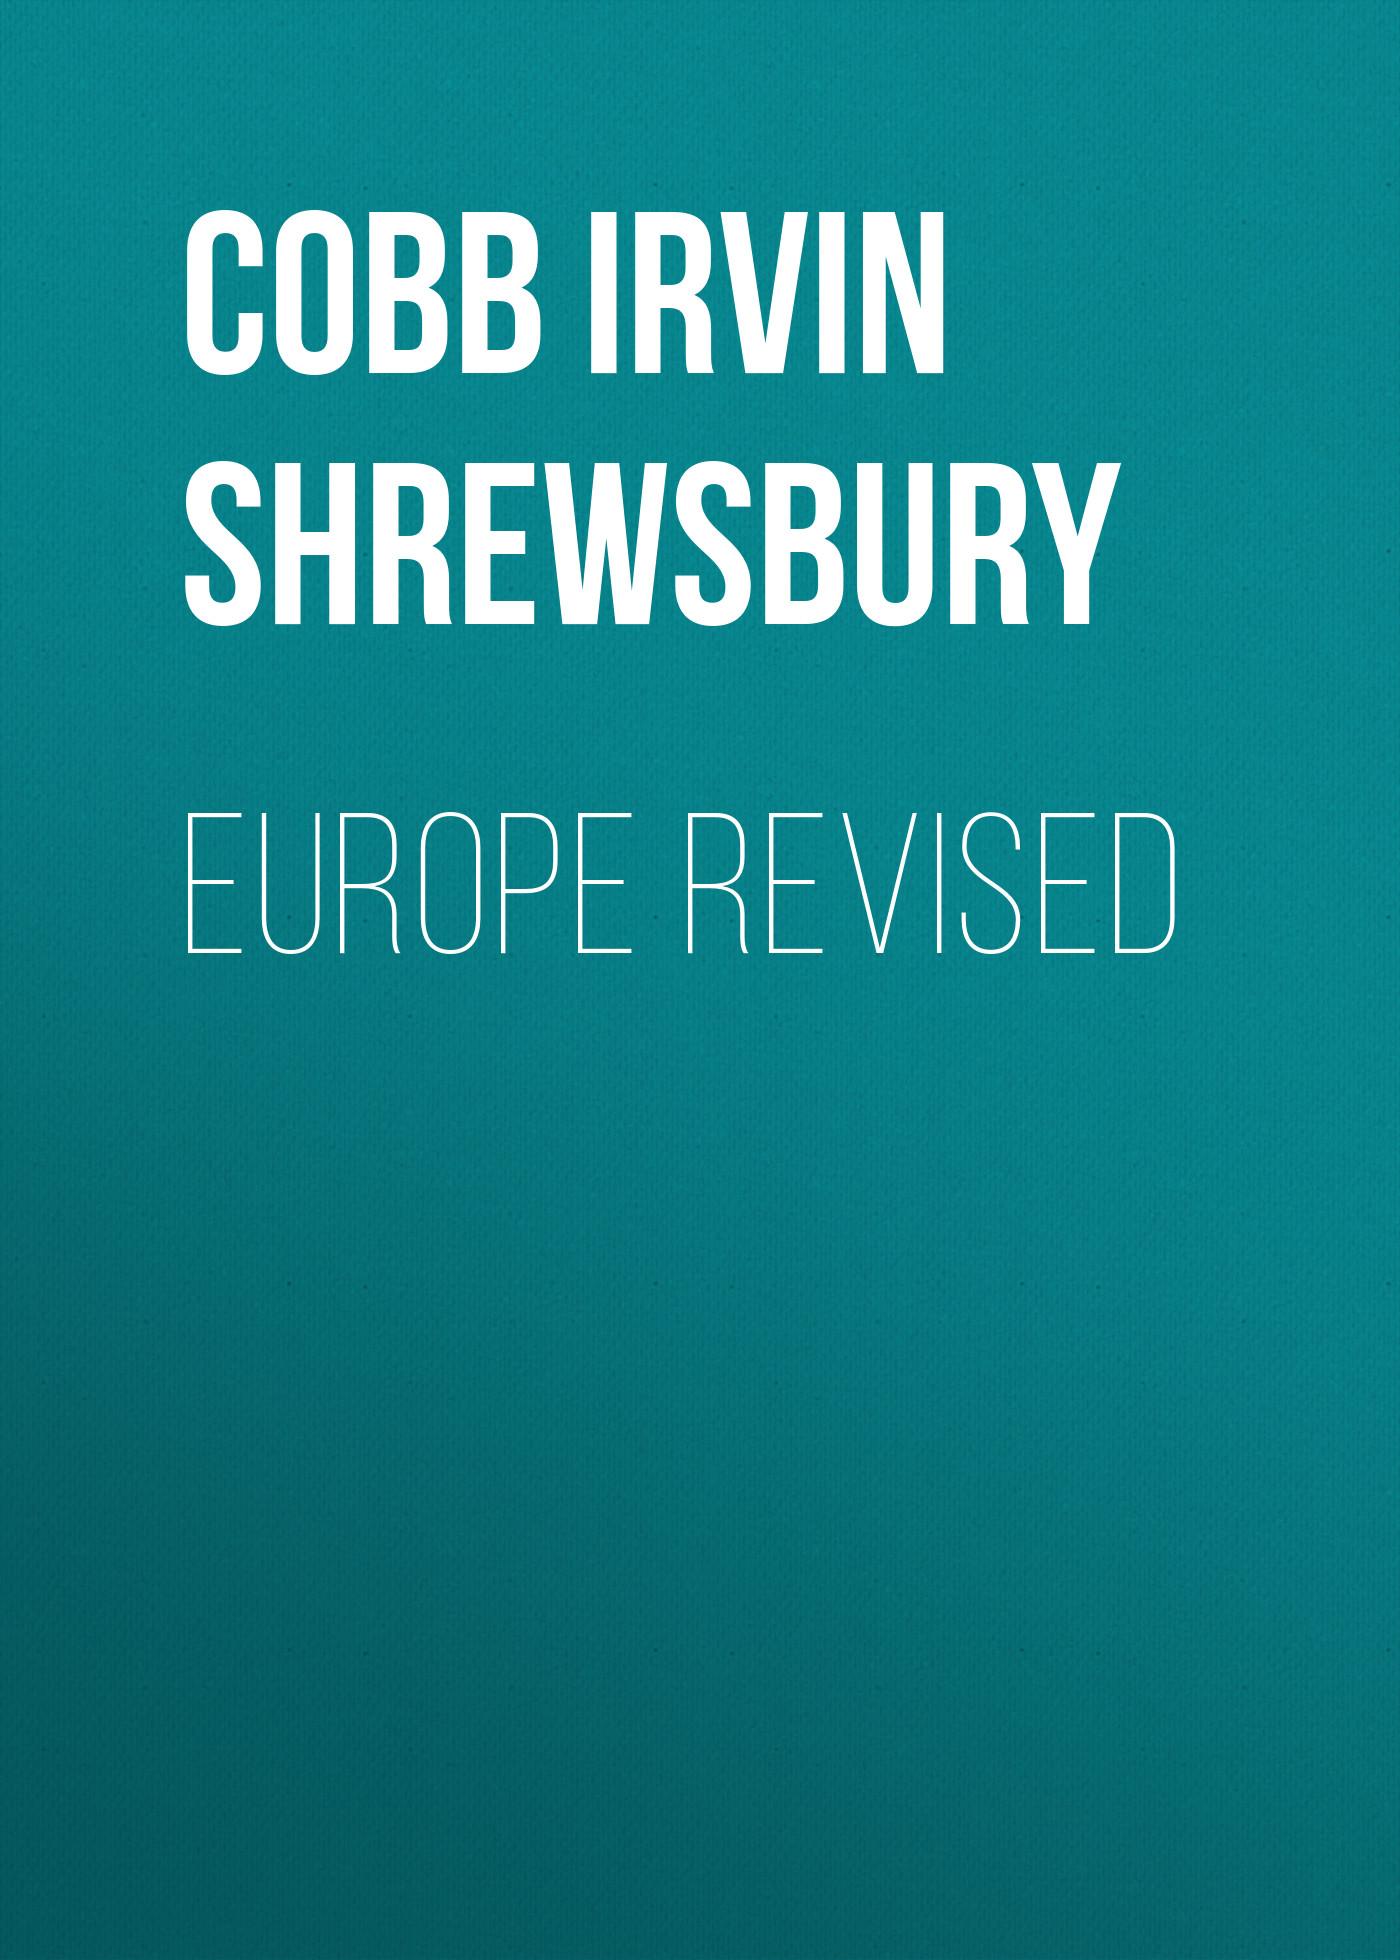 Cobb Irvin Shrewsbury Europe Revised cobb irvin shrewsbury sundry accounts